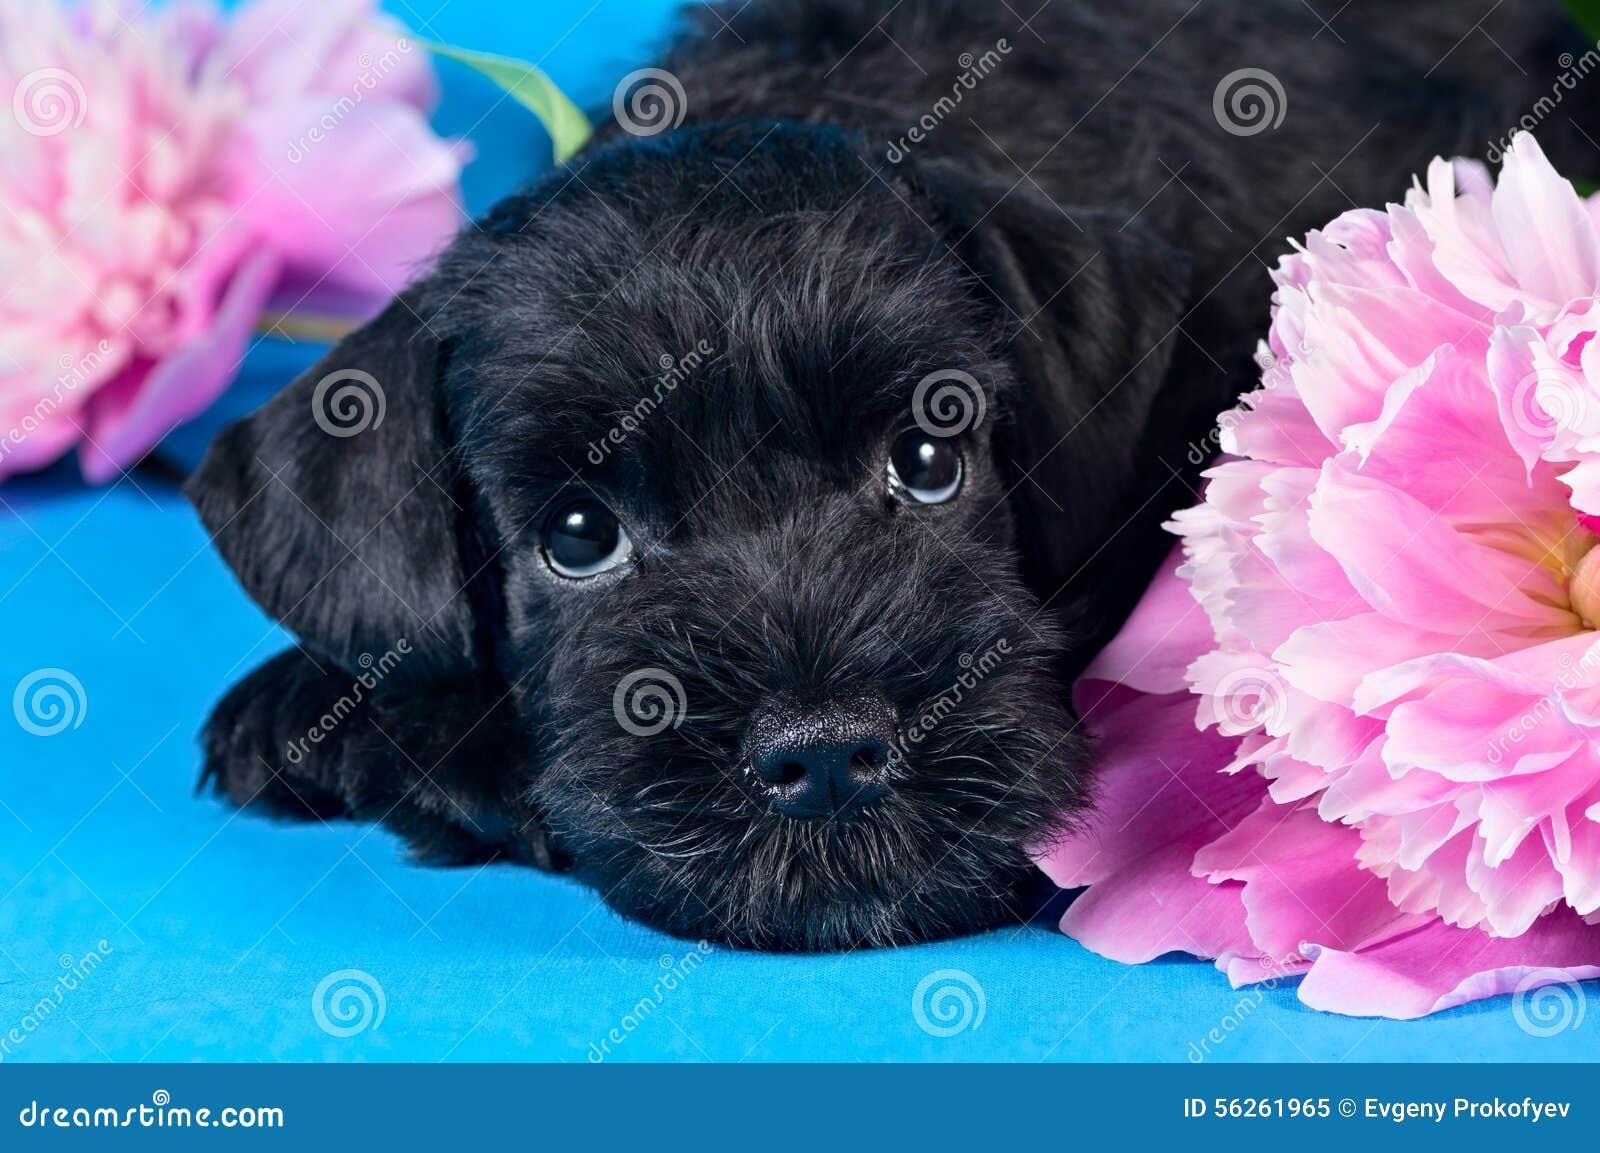 Miniature Schnauzer puppy among flowers